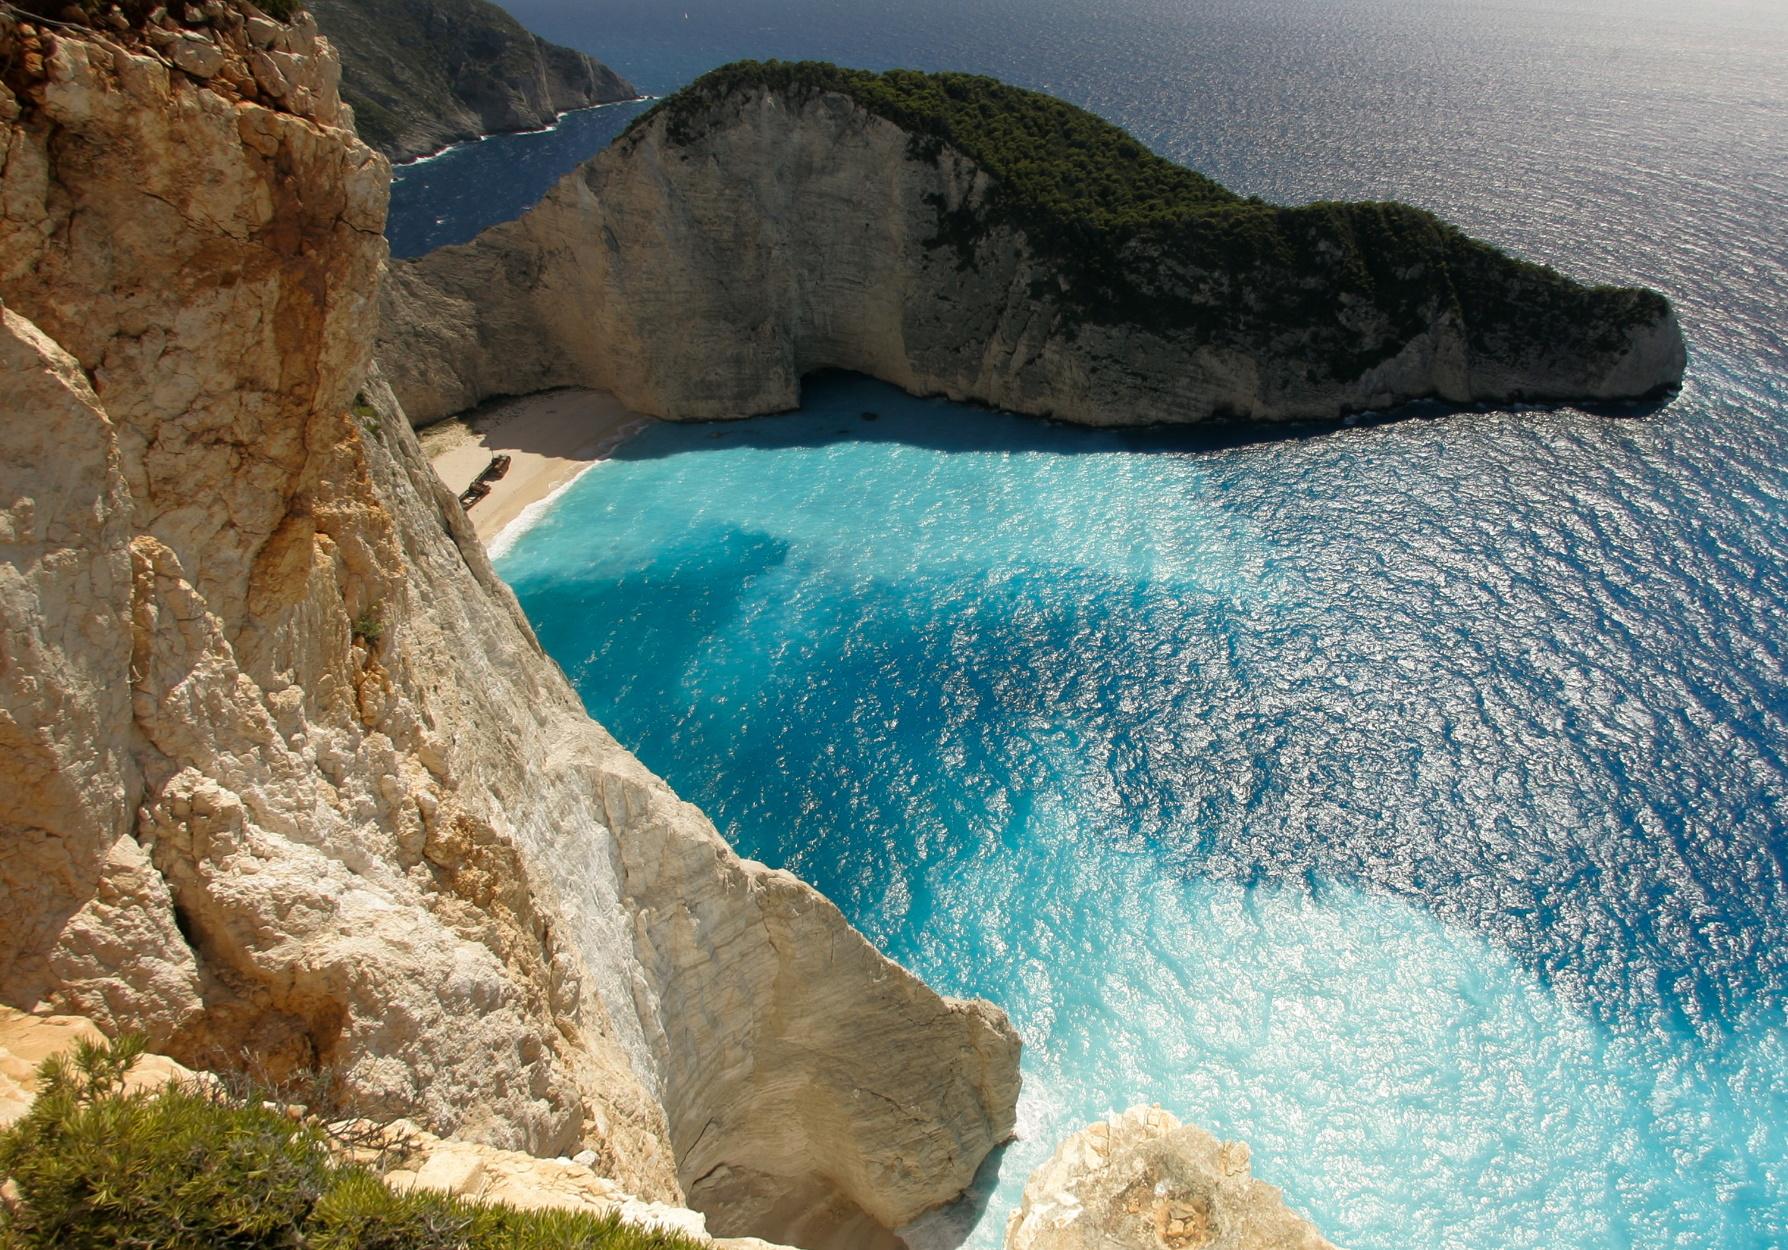 Τα εντυπωσιακά και θρυλικά ναυάγια της Ελλάδας